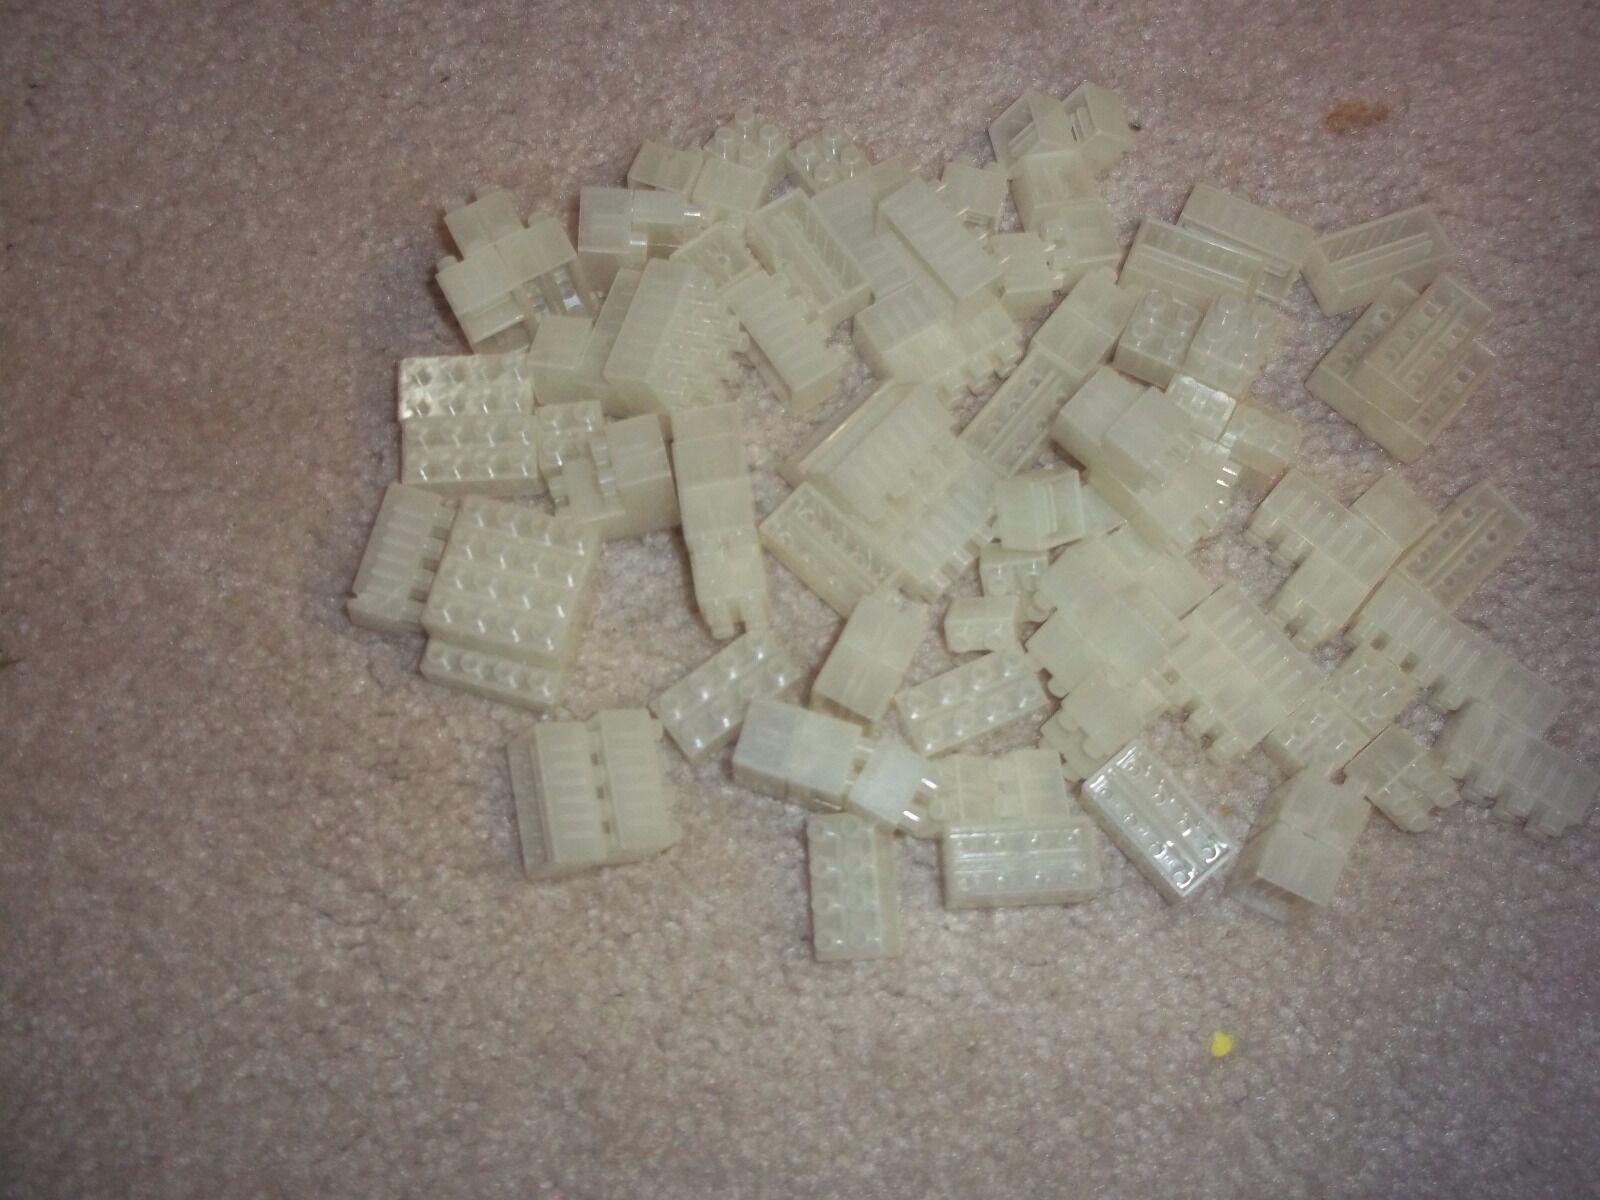 Muy poco común  122 piezas brillan en la oscuridad Lote de Brix Blox - 1970s